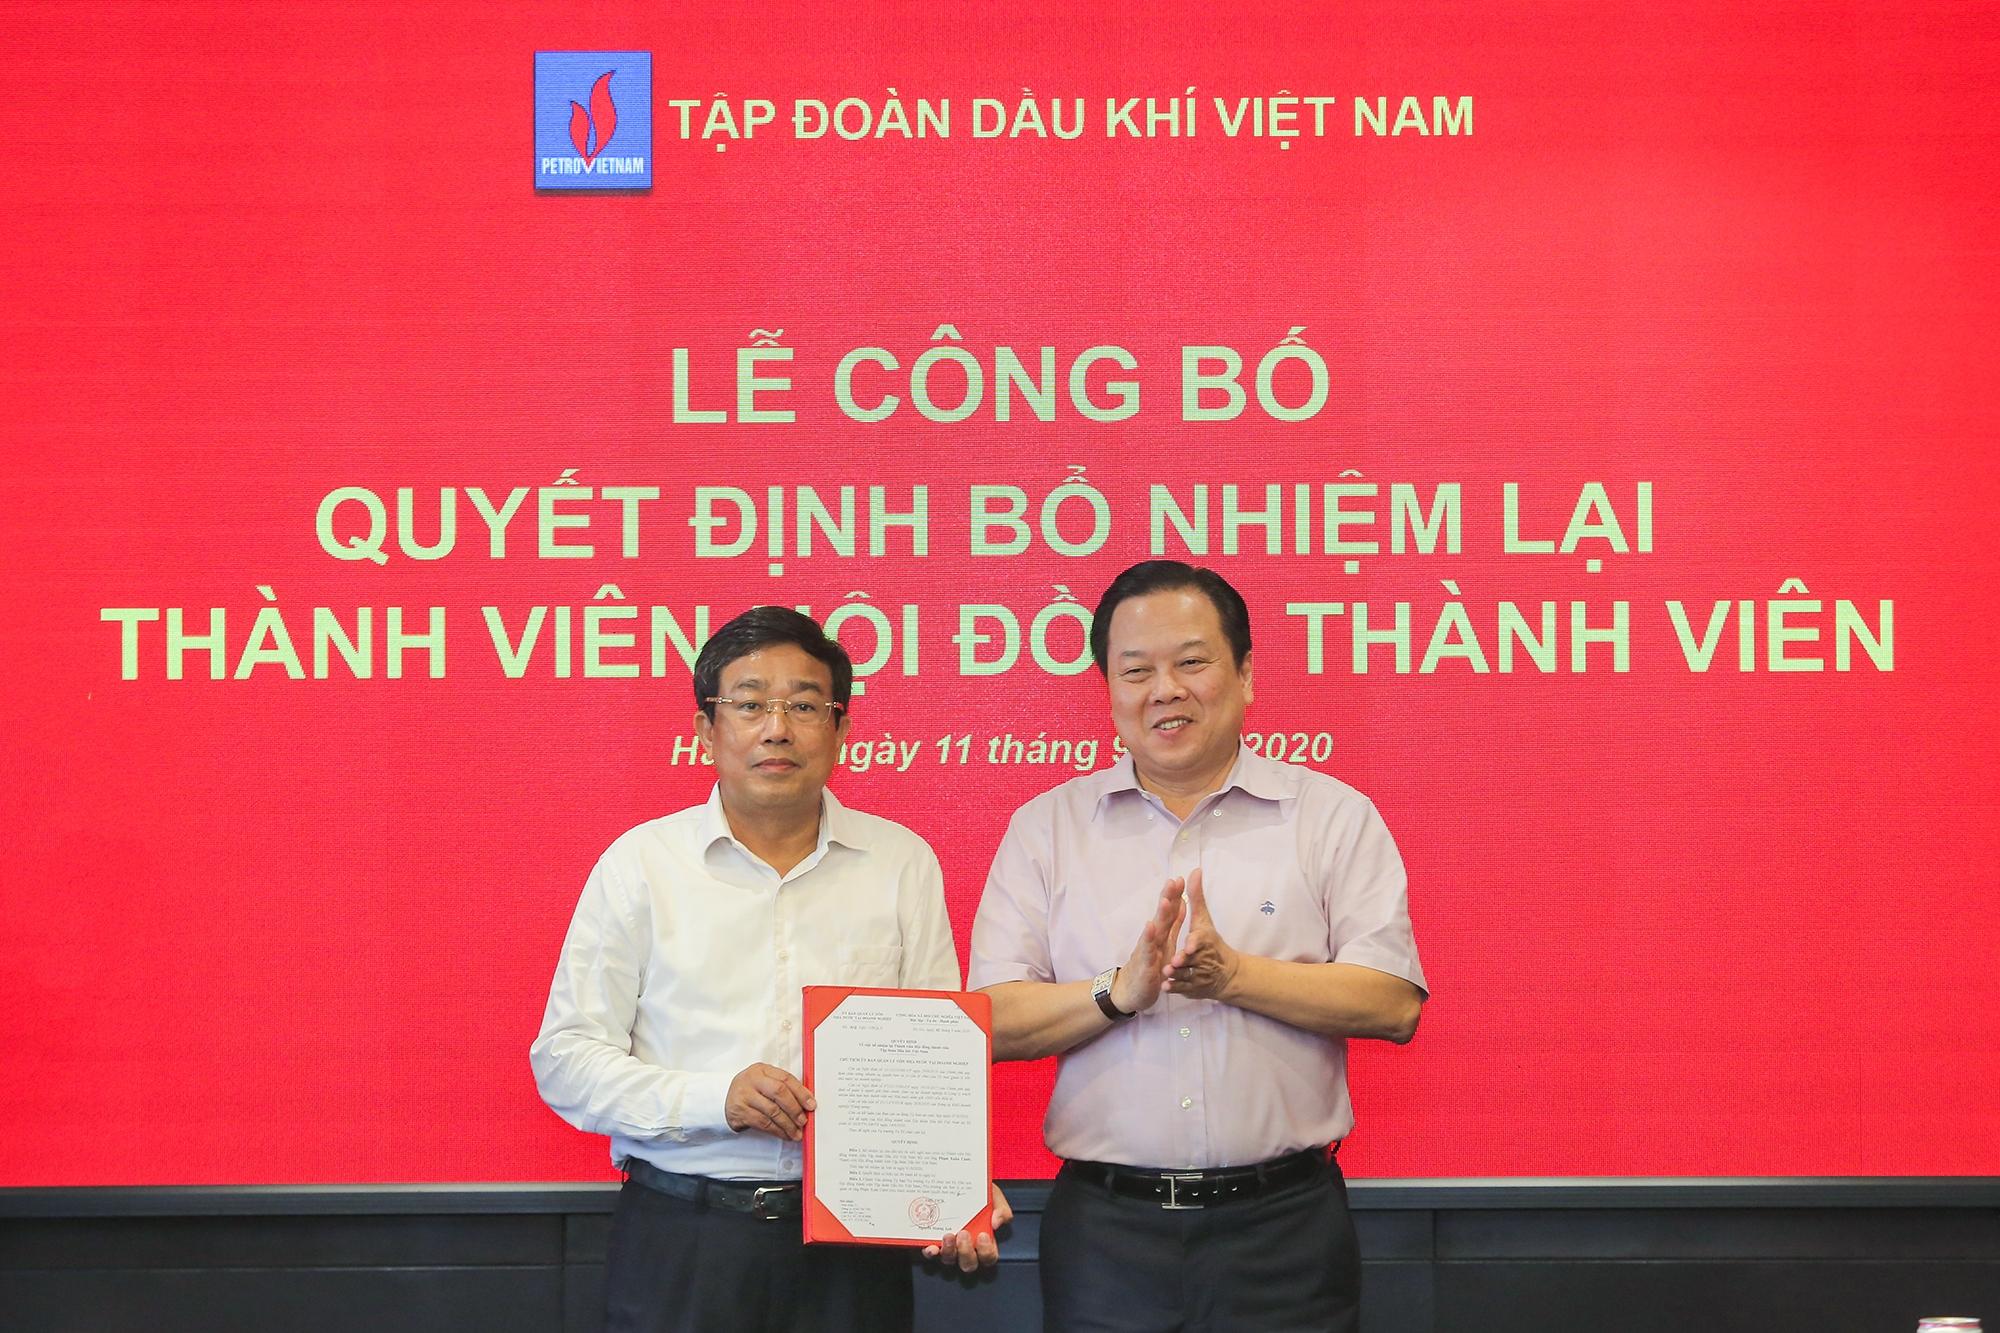 cong-bo-quyet-dinh-bo-nhiem-lai-thanh-vien-hoi-dong-thanh-vien-pvn-1